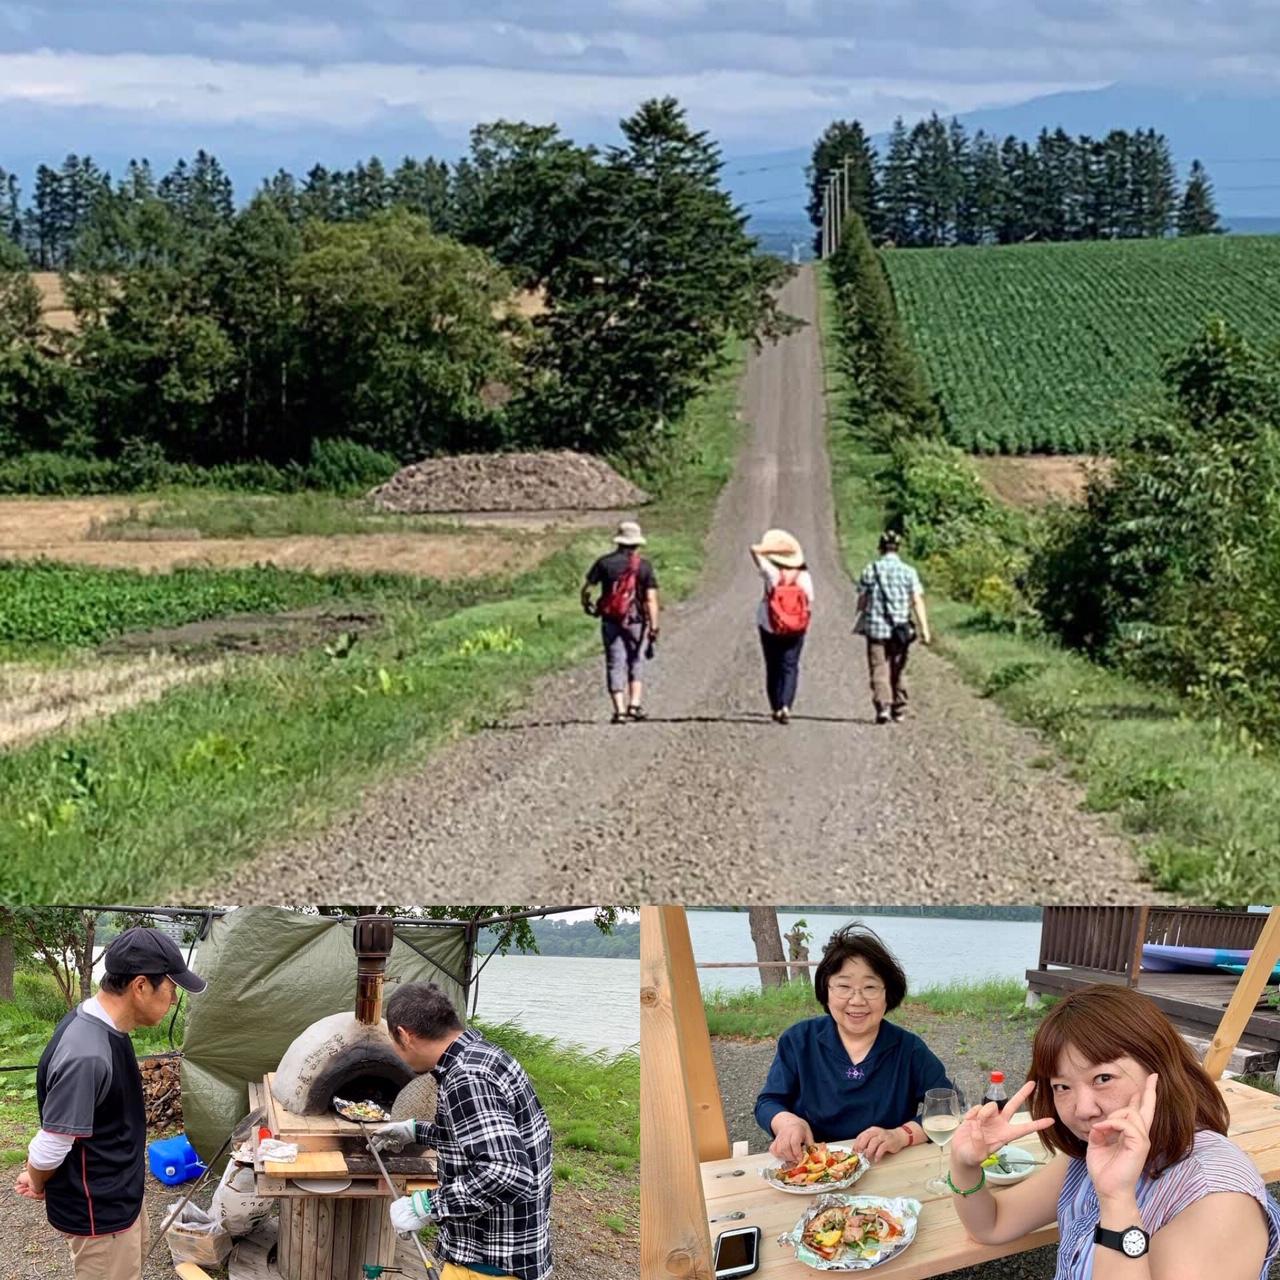 【ツアー】知床連峰を望む雄大な畑散策 & 地元産小麦粉を使ったピザ作り体験